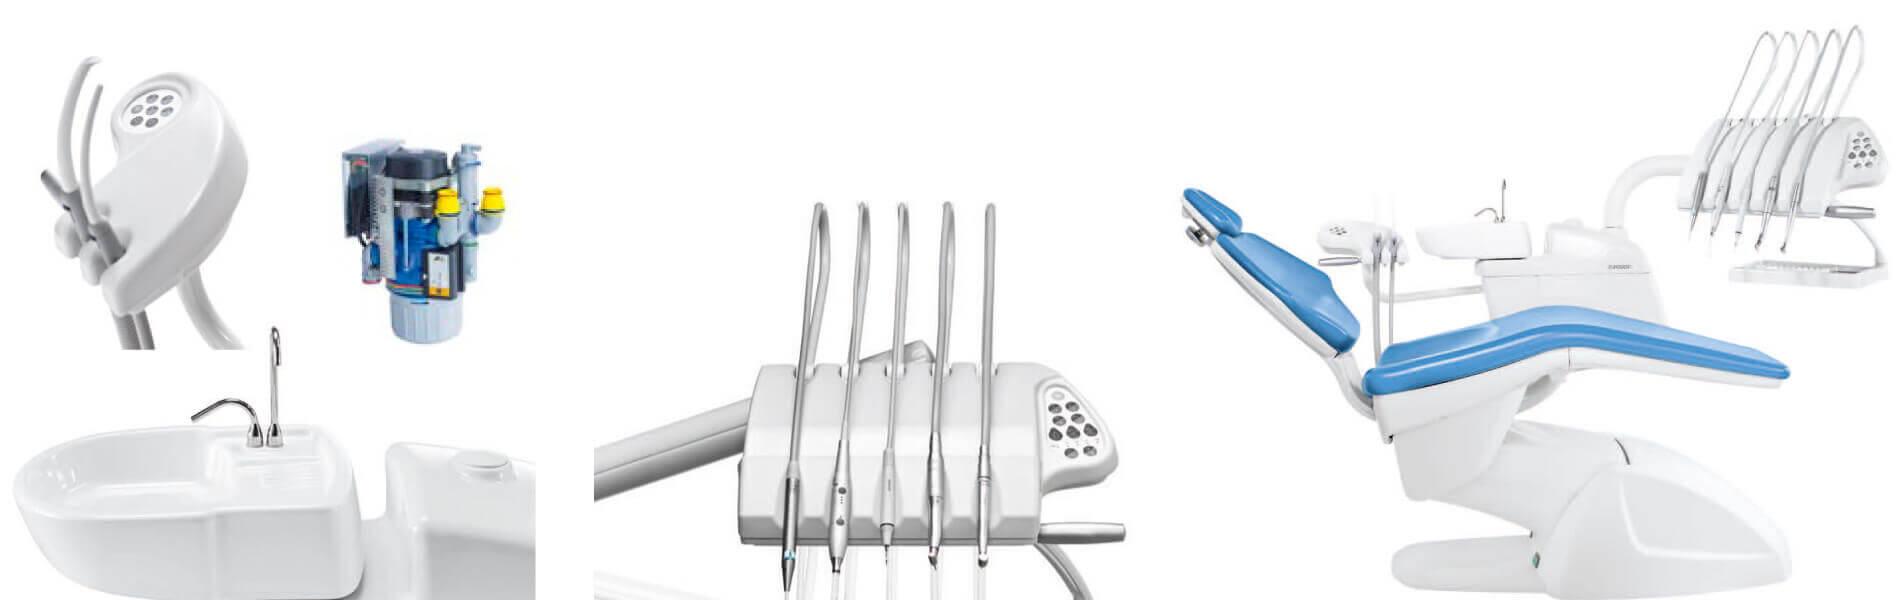 Dentalhitech assistenza tecnica e installazione for Arredamento laboratorio odontotecnico